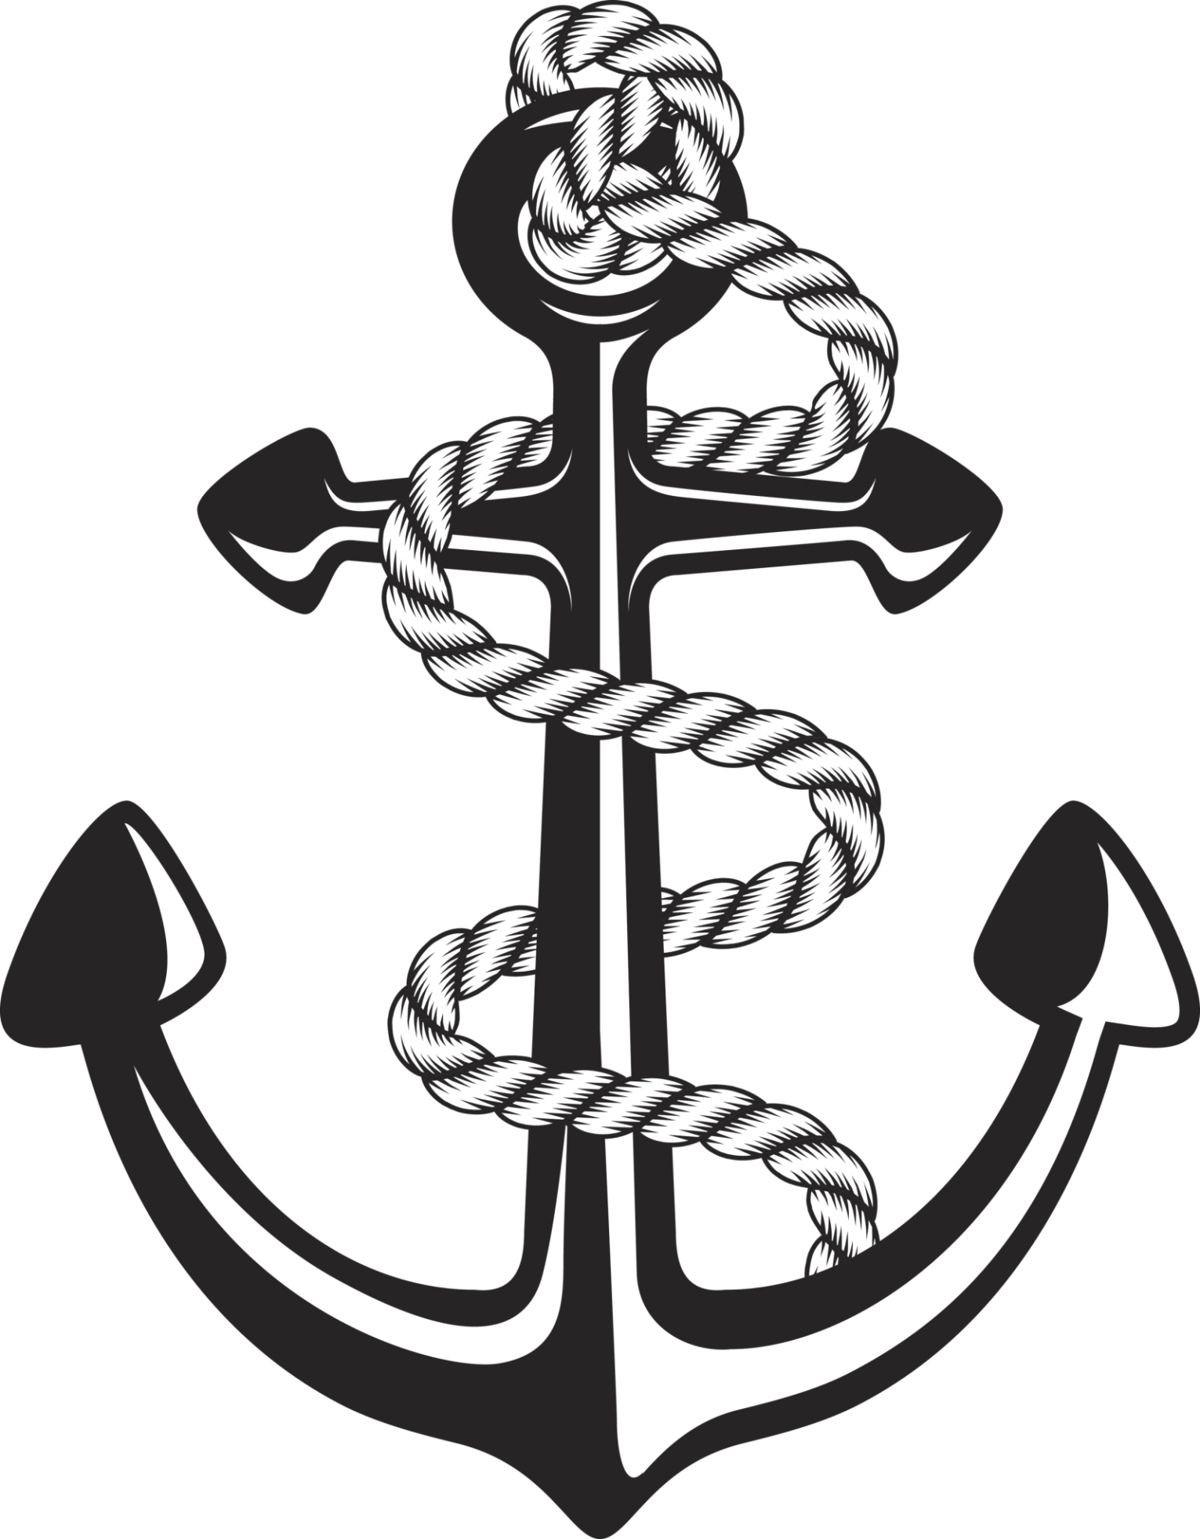 Au début des années 1900, les tatouages d'ancre étaient utilisés pour identifier plusieurs générations de militaires au sein d'une famille.